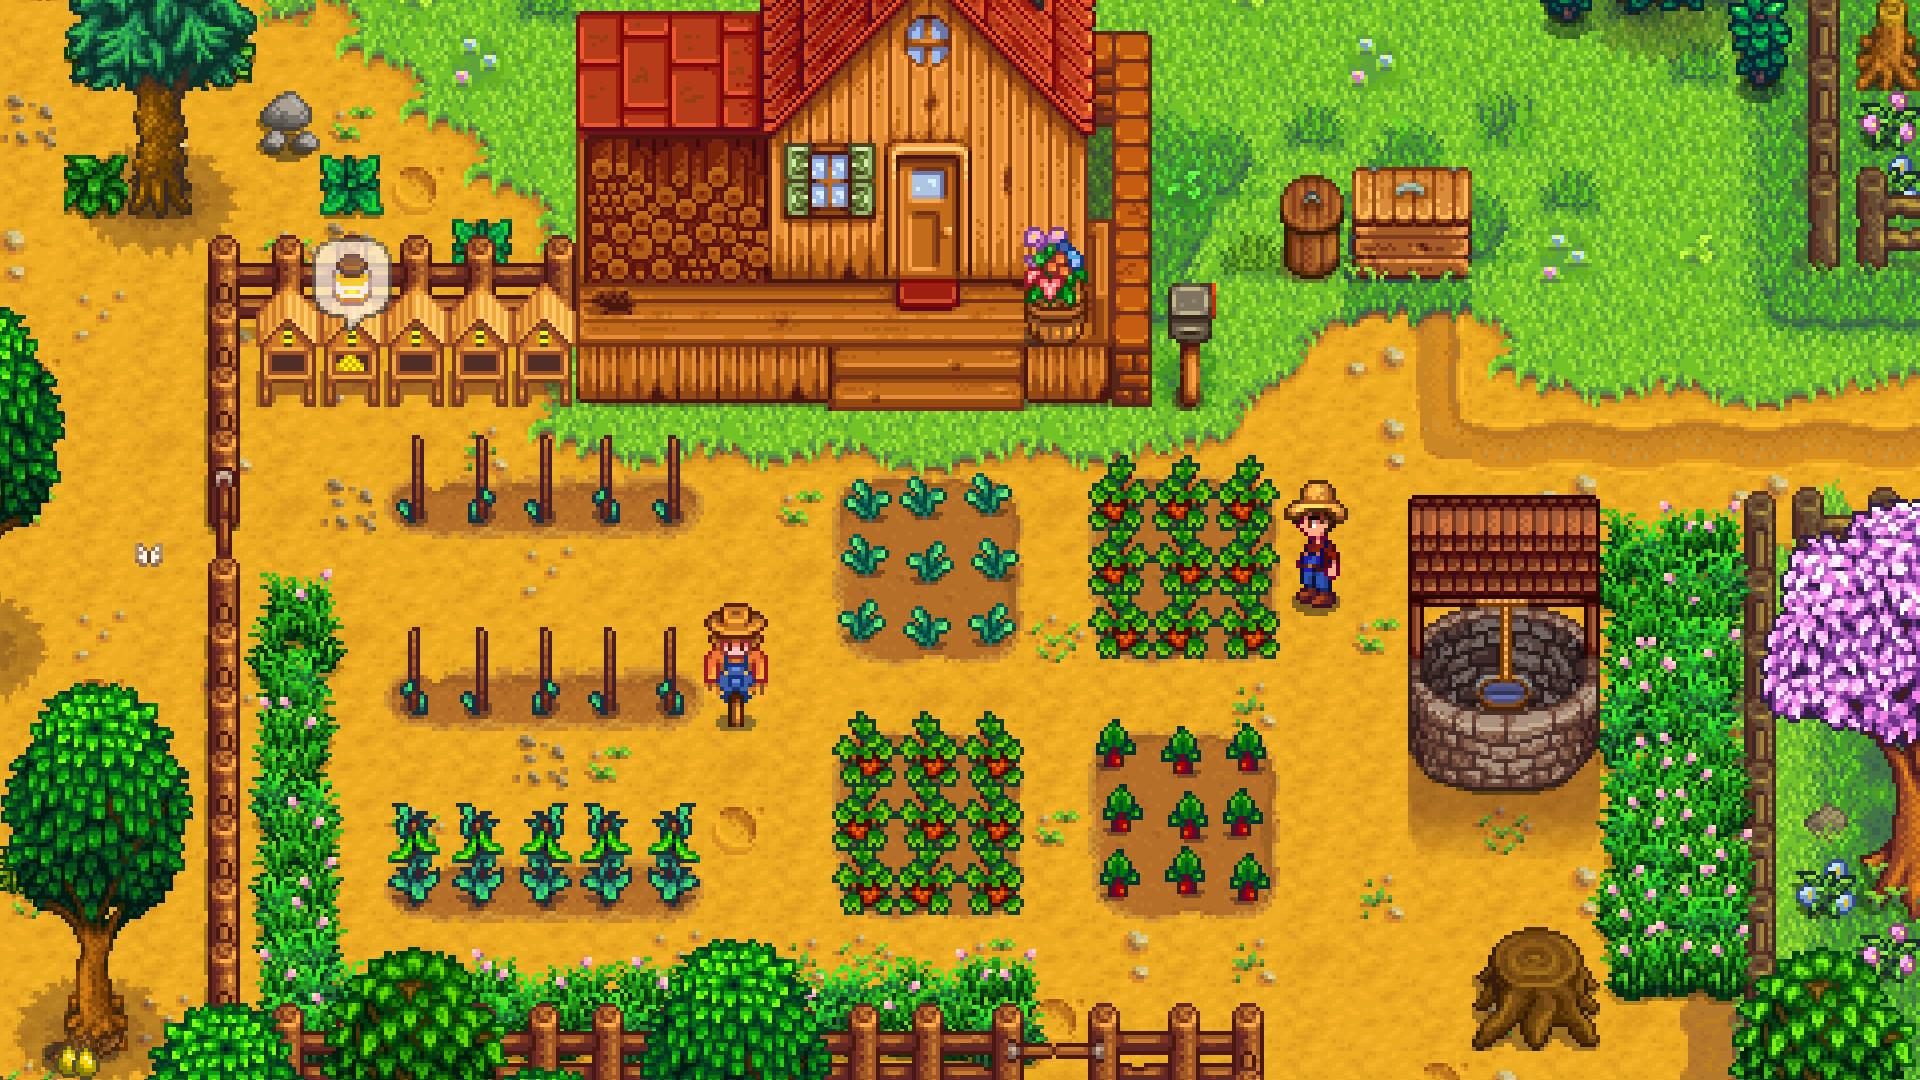 Stardew Valley Nintendo Switch ventes dématérialisées